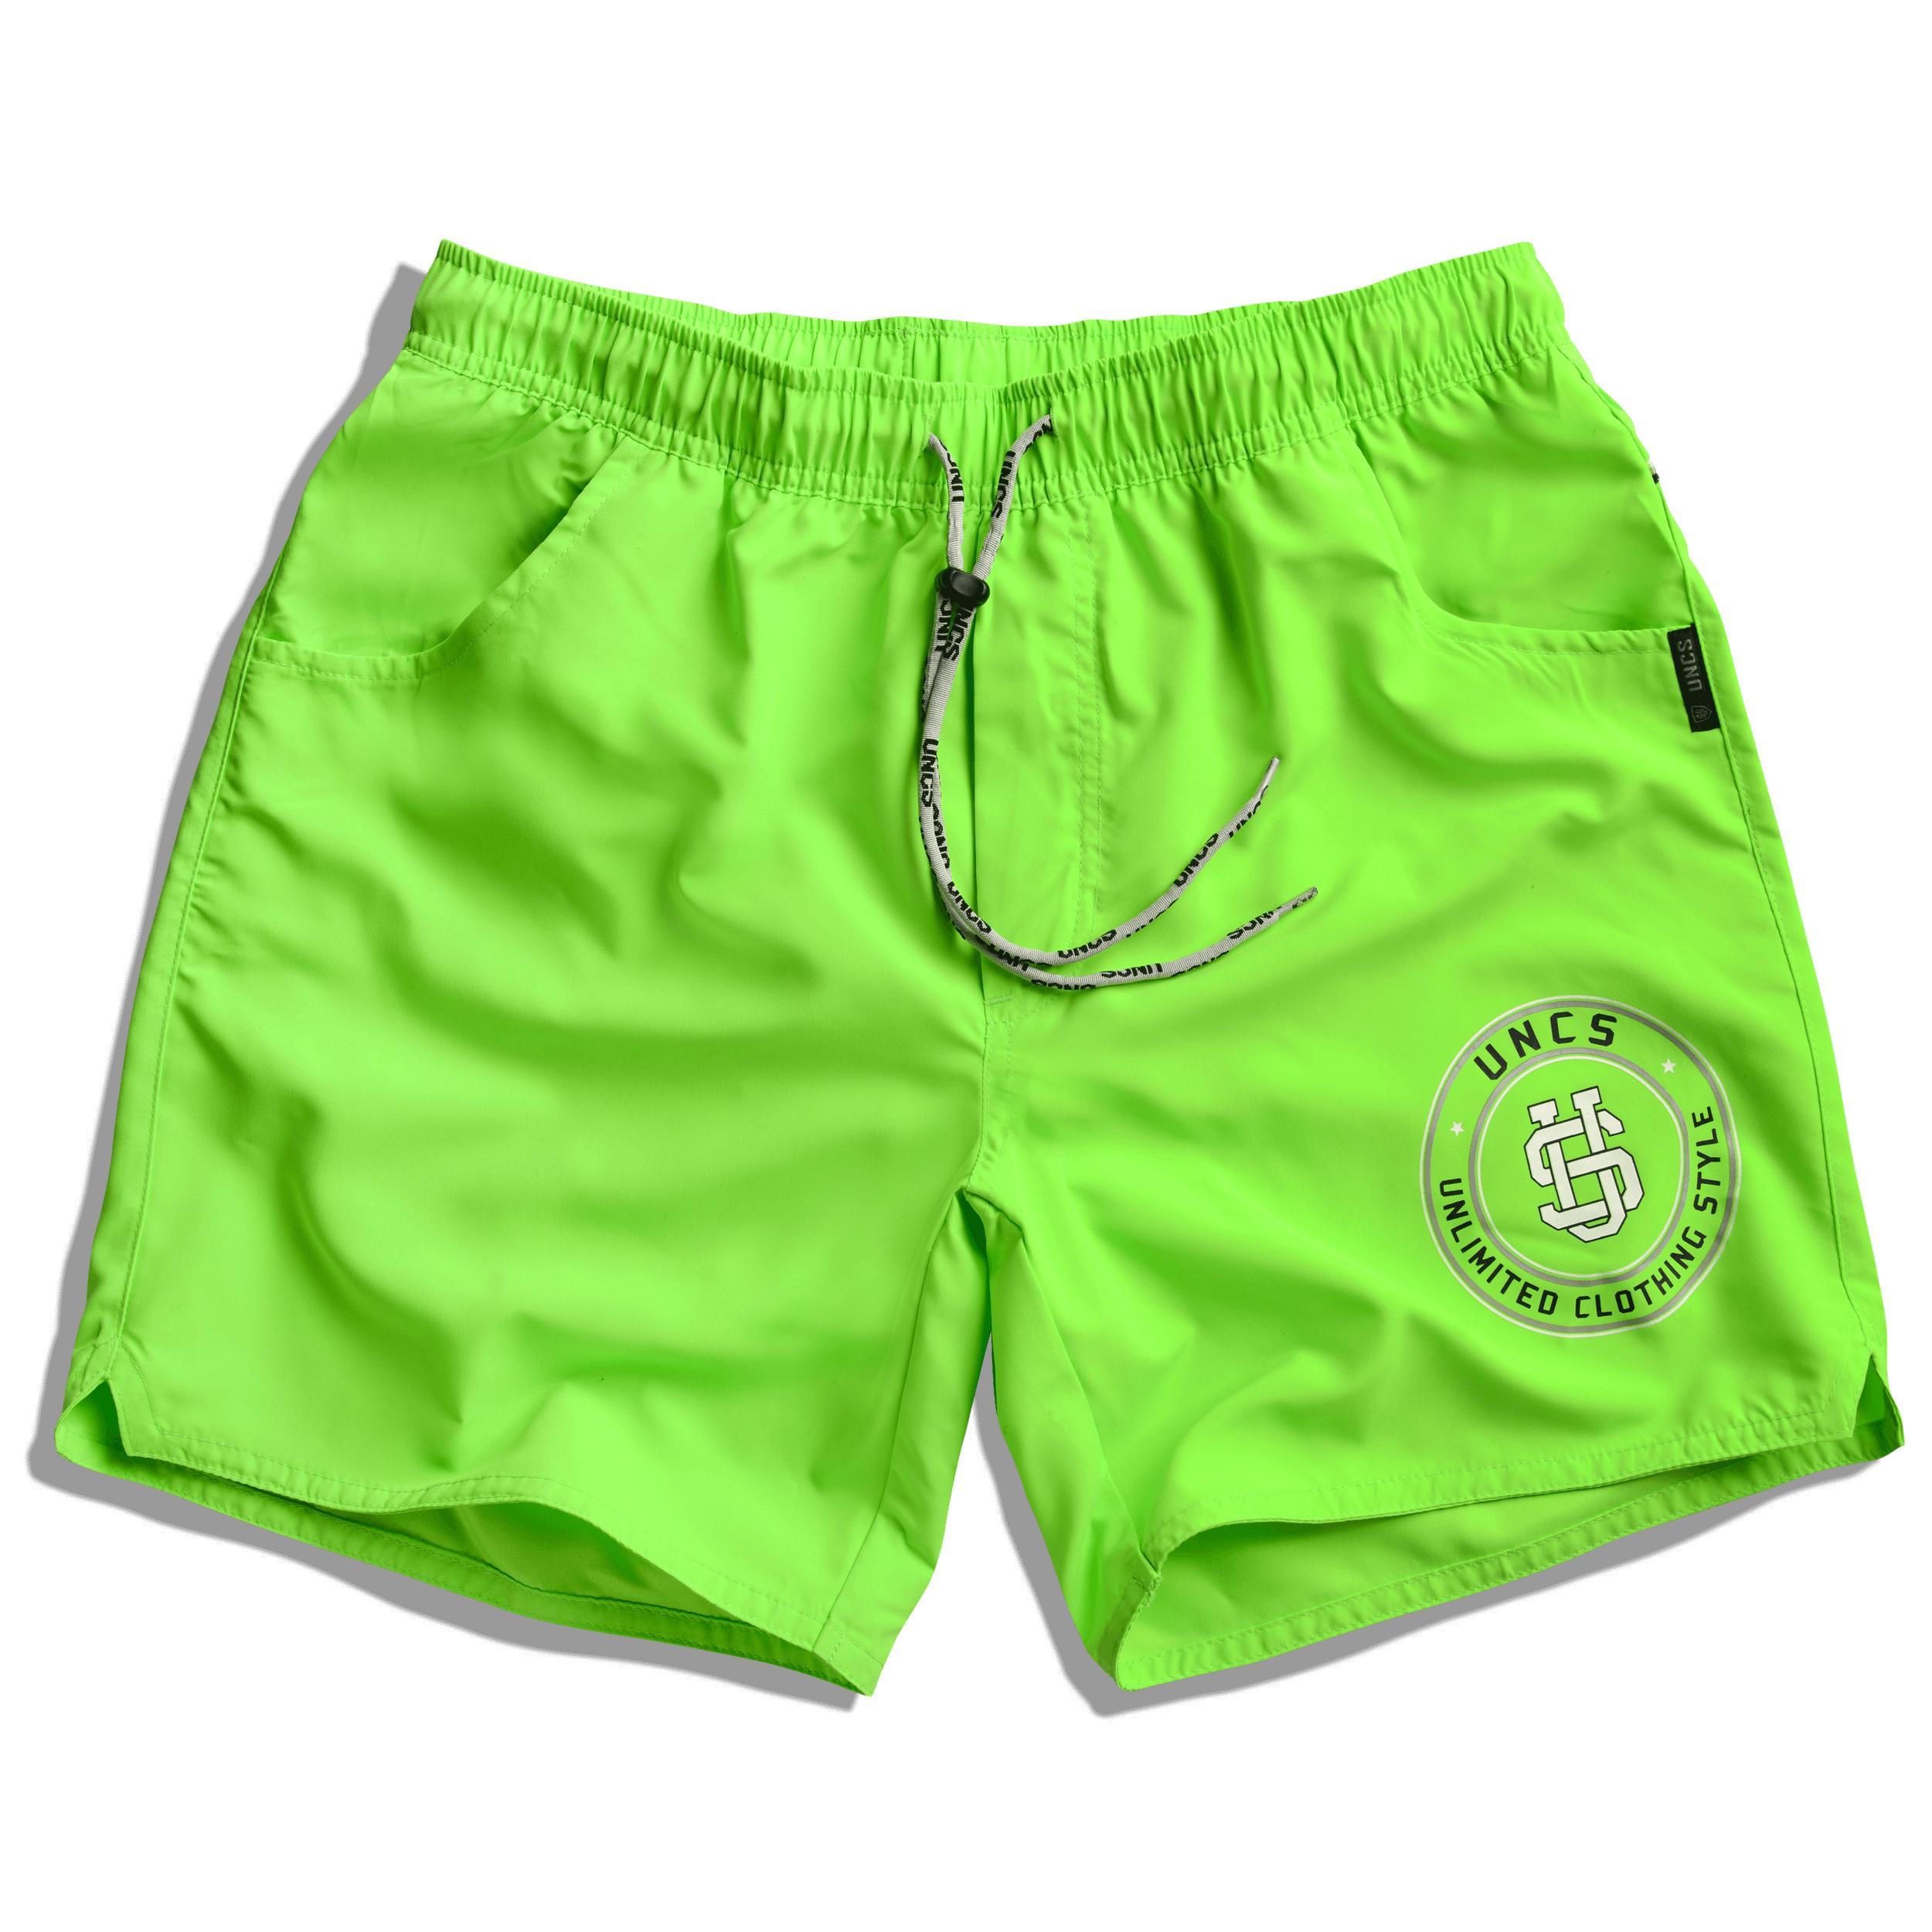 UNCS Pánské koupací šortky Sarasota GREEN - Glami.cz 6d527f9449